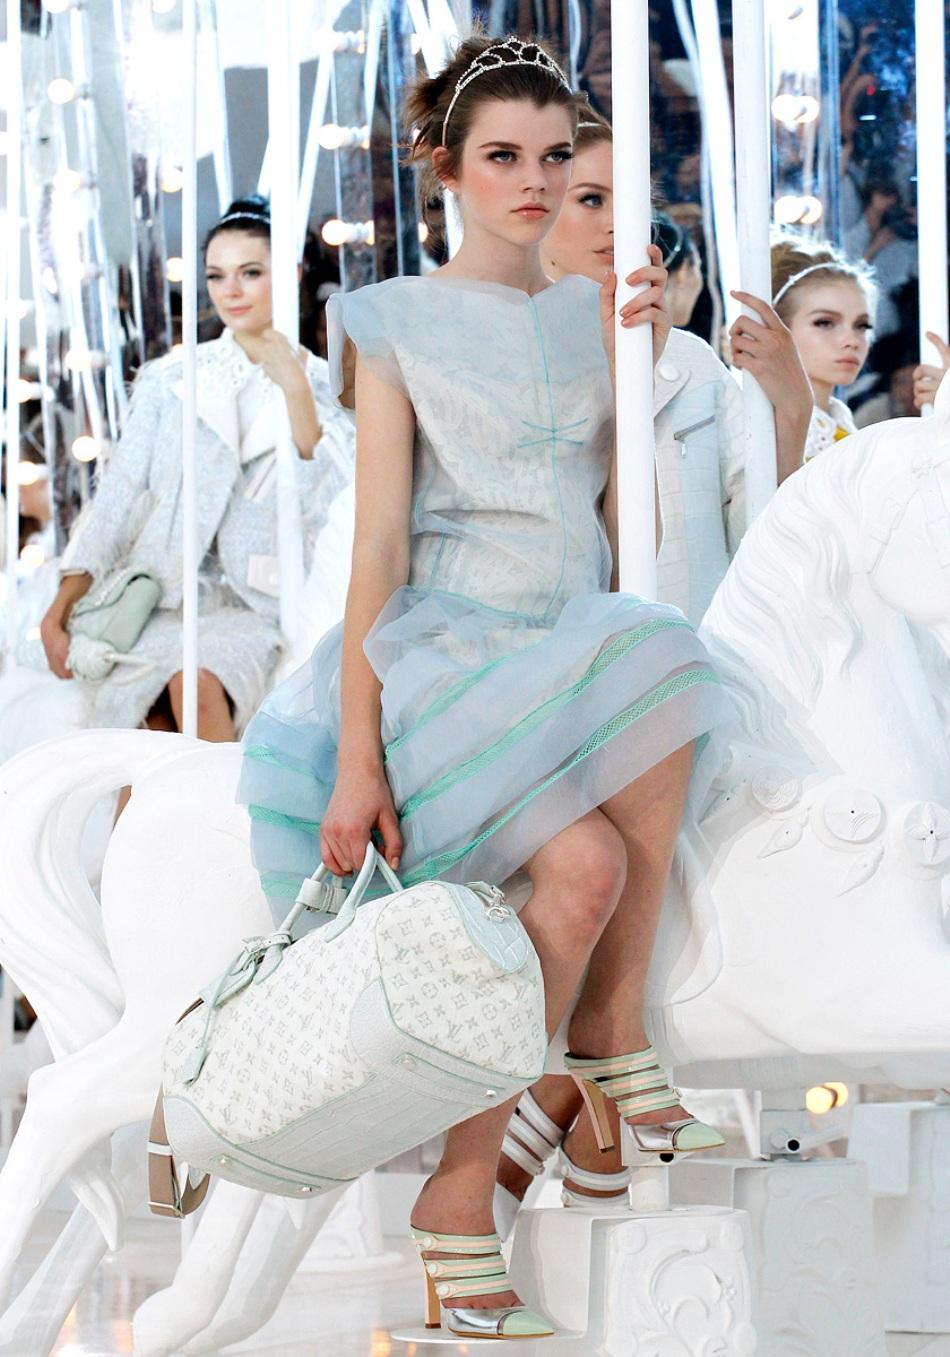 High Fashion Merry Go Round By Amerylis